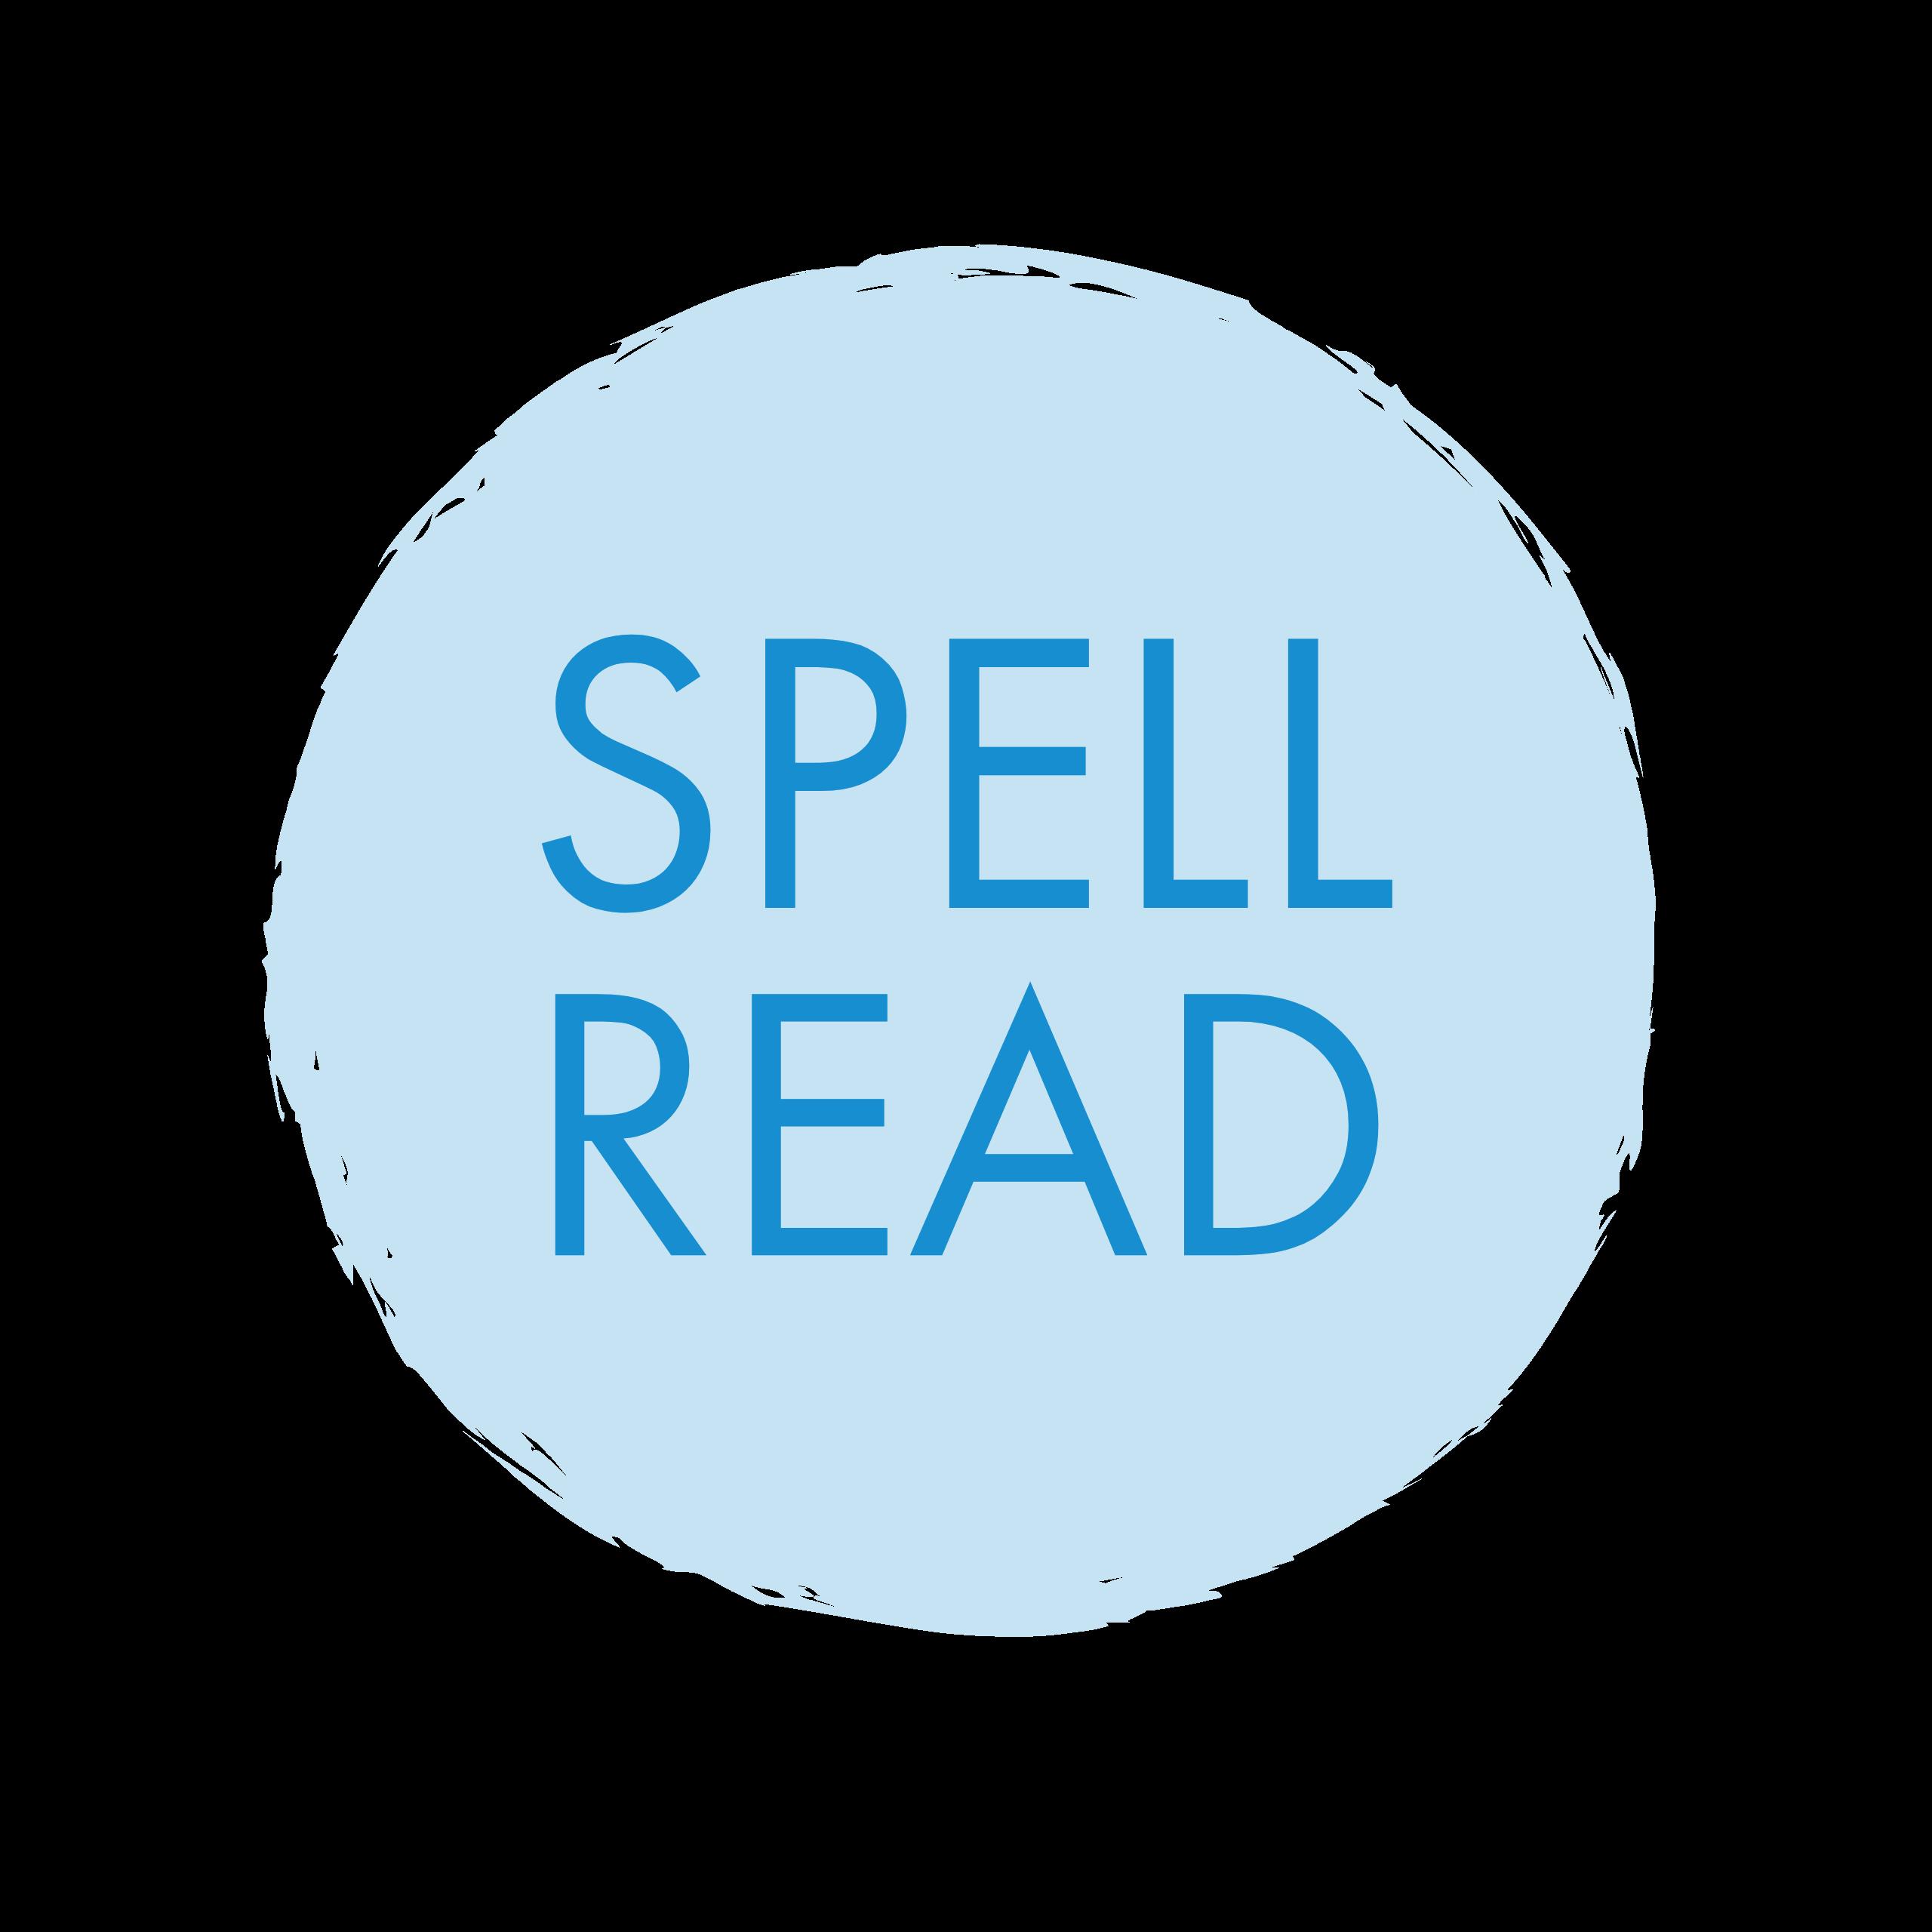 spell read write learn evidence-based spellread tutor tutoring reading program